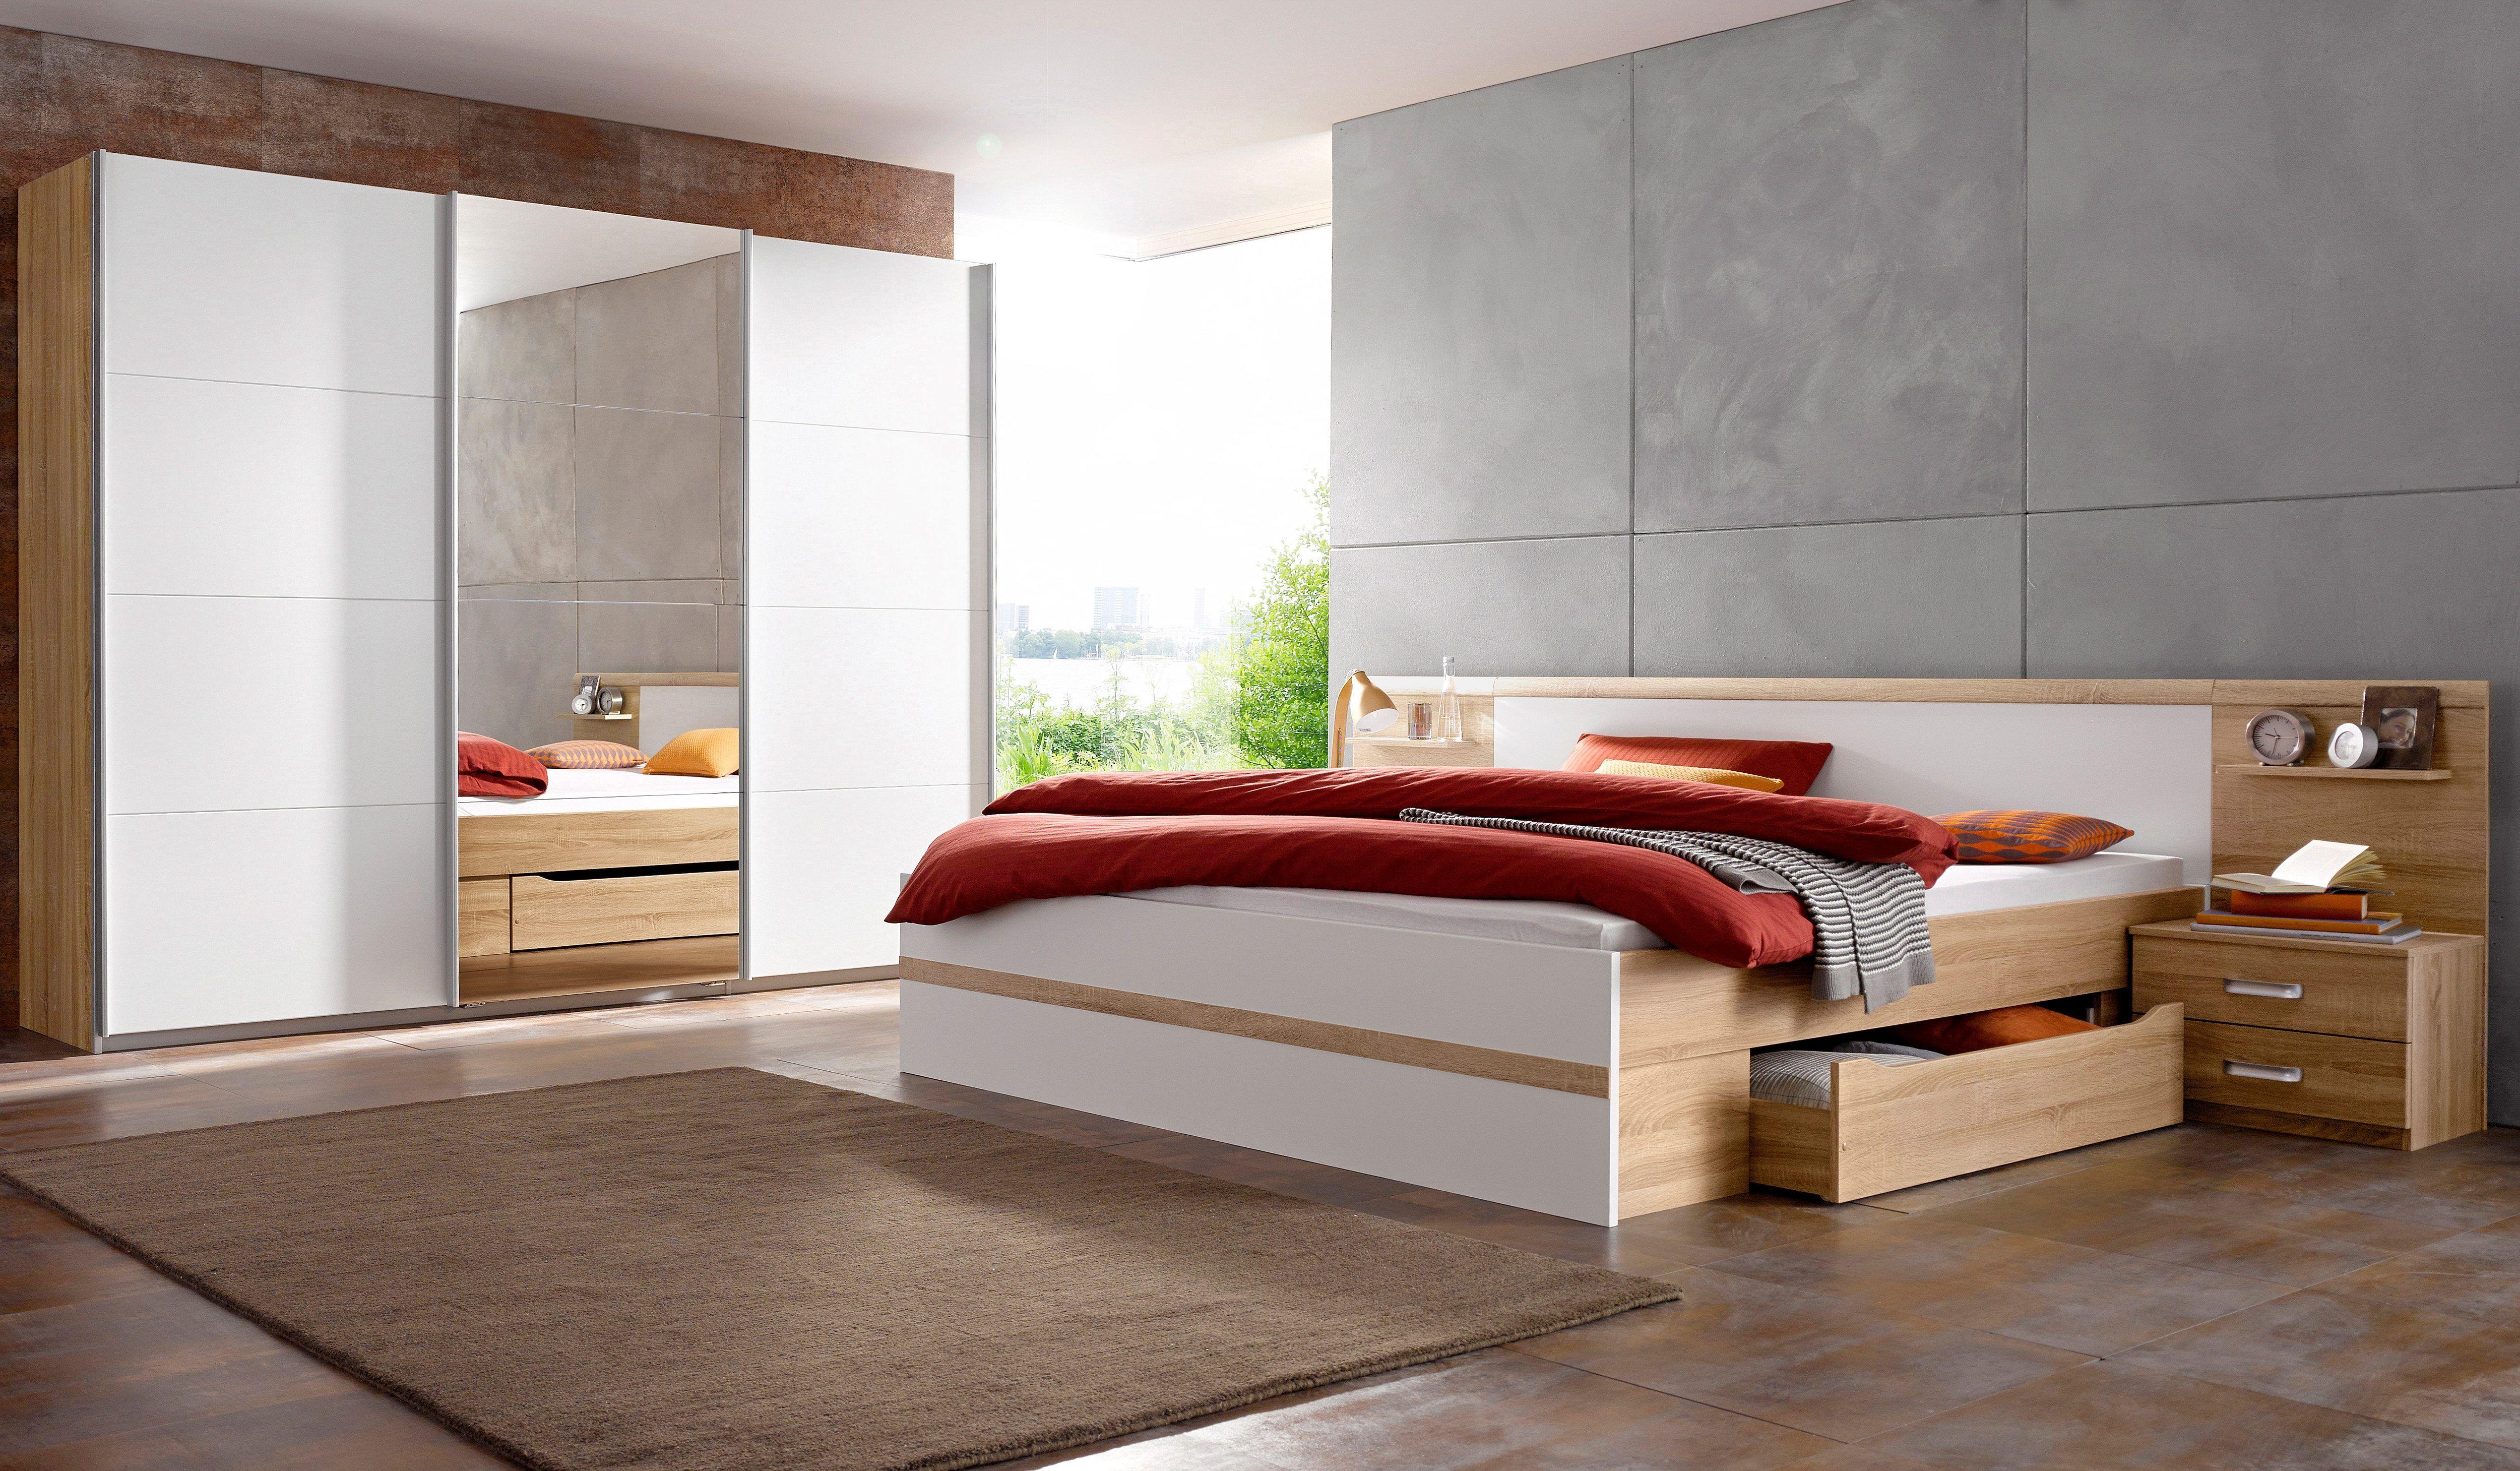 Schlafzimmer Rauch ~ Rauch pack`s schlafzimmer set mit schwebetürenschrank tlg